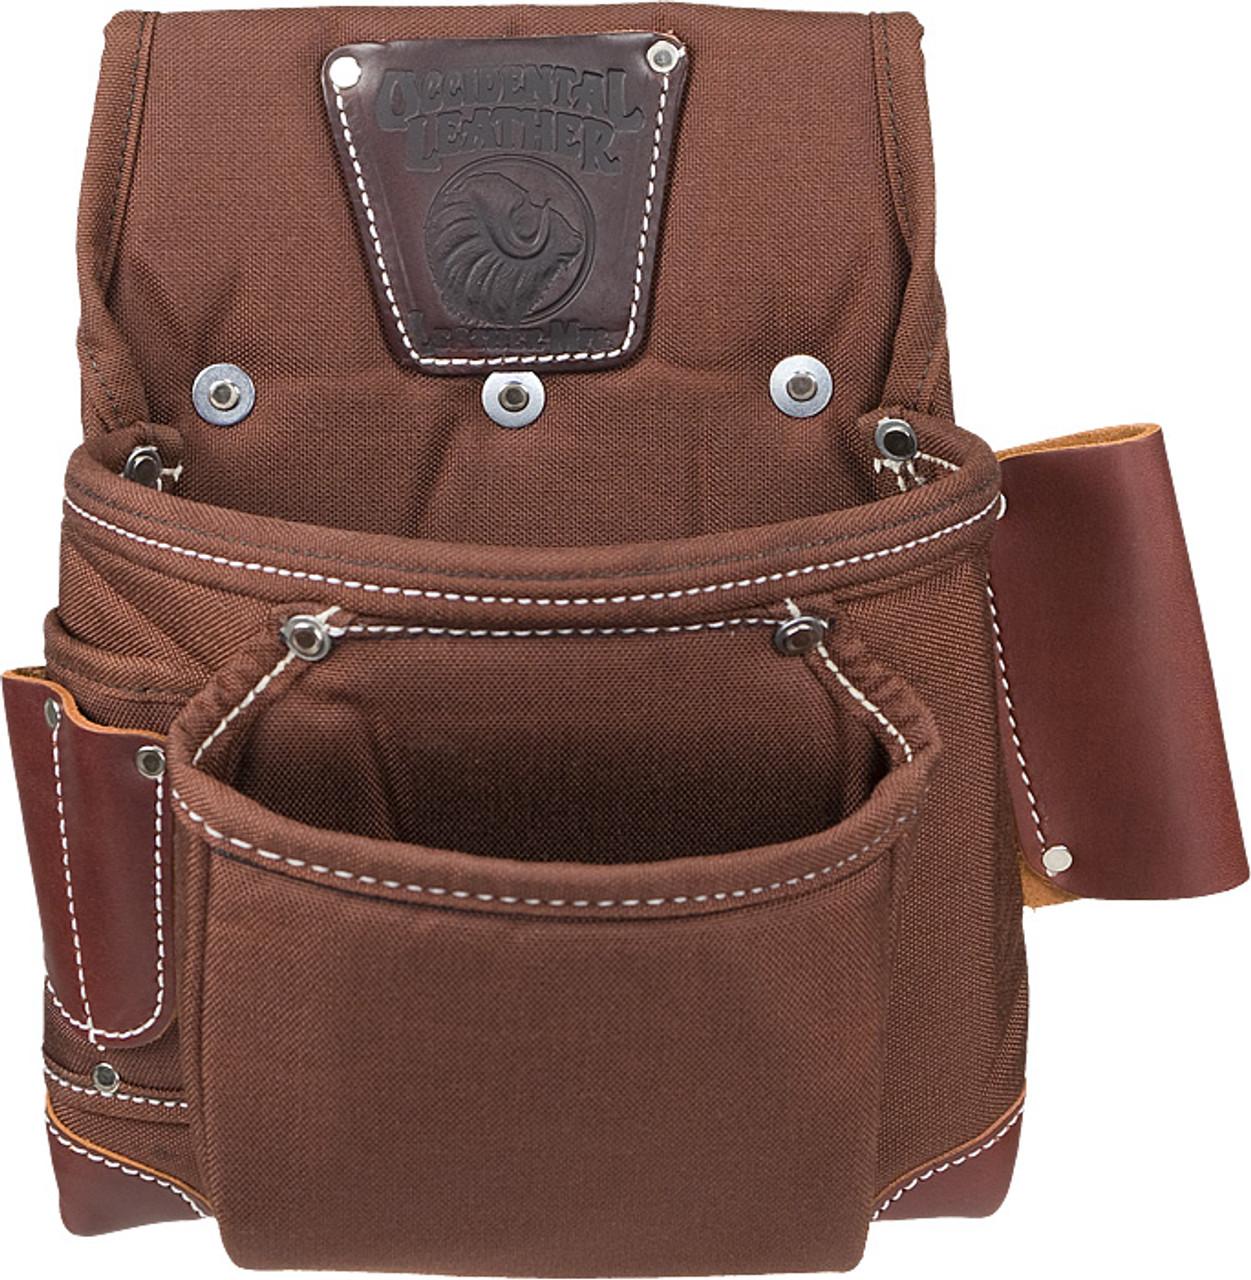 Occidental Leather 8385 Black Belt Stronghold Rough Framer Tool Bag Set Small